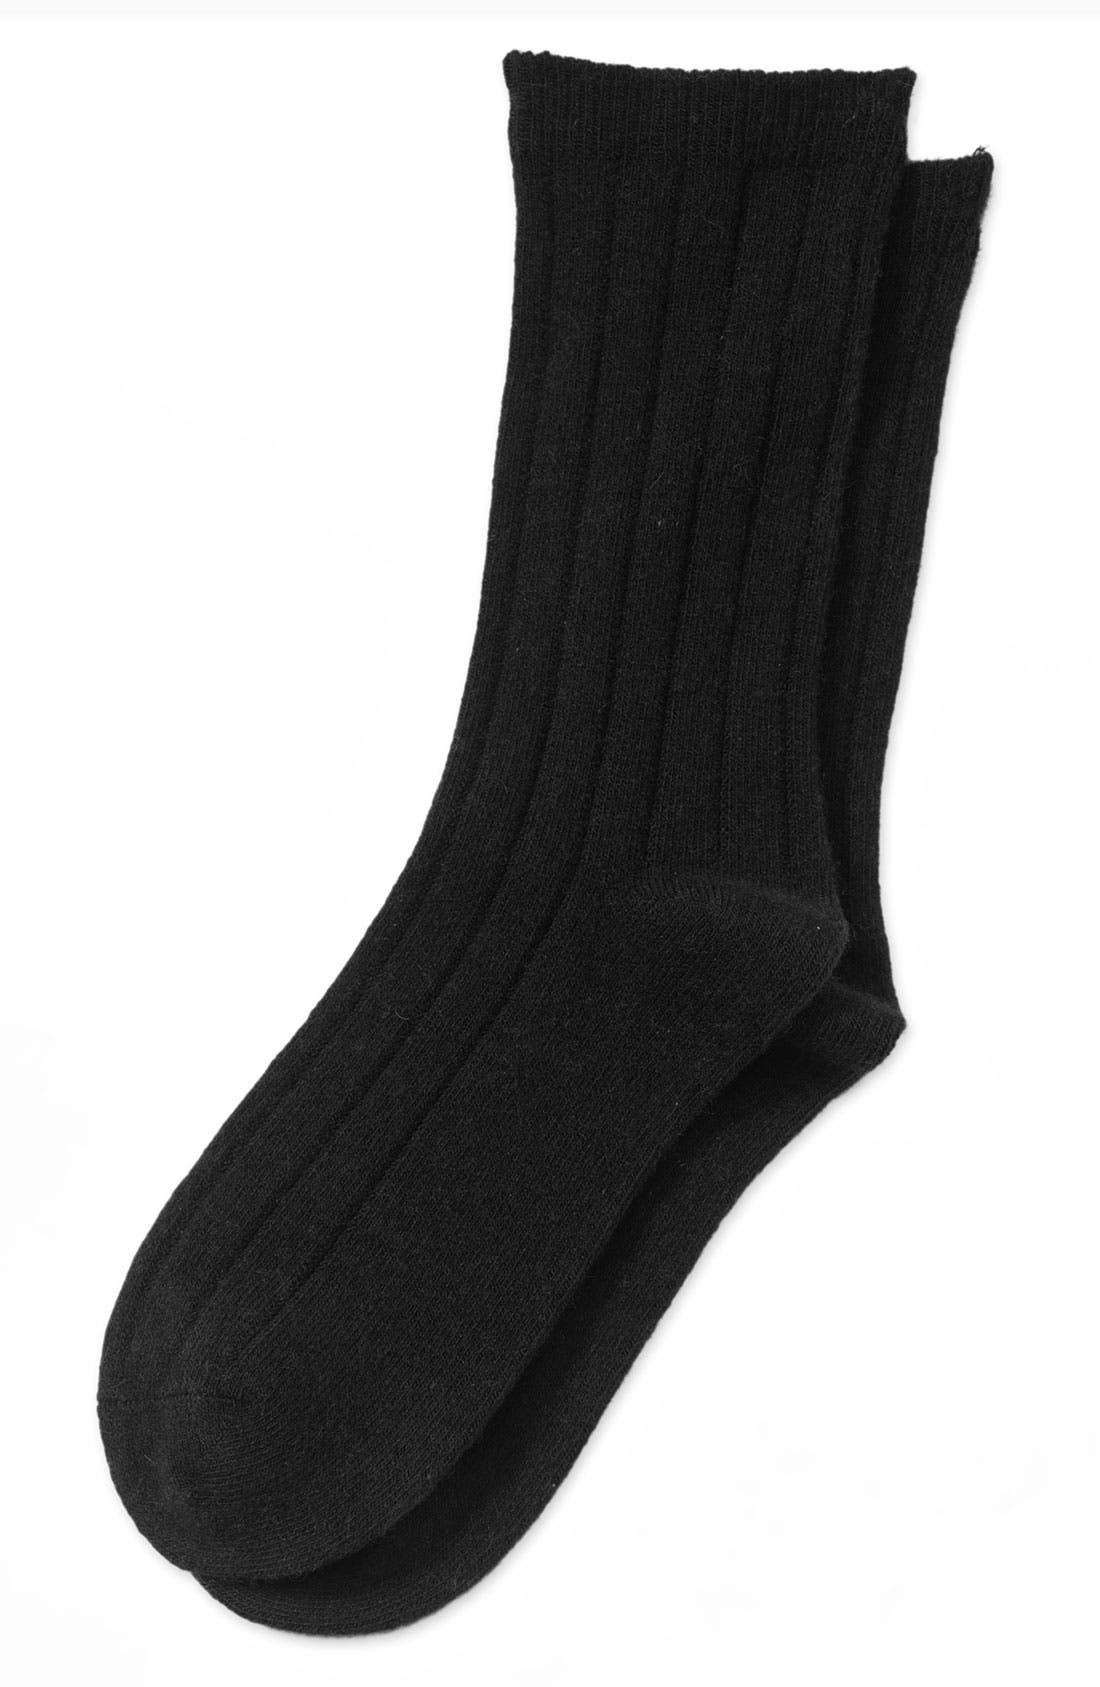 Ribbed Socks,                         Main,                         color, 001